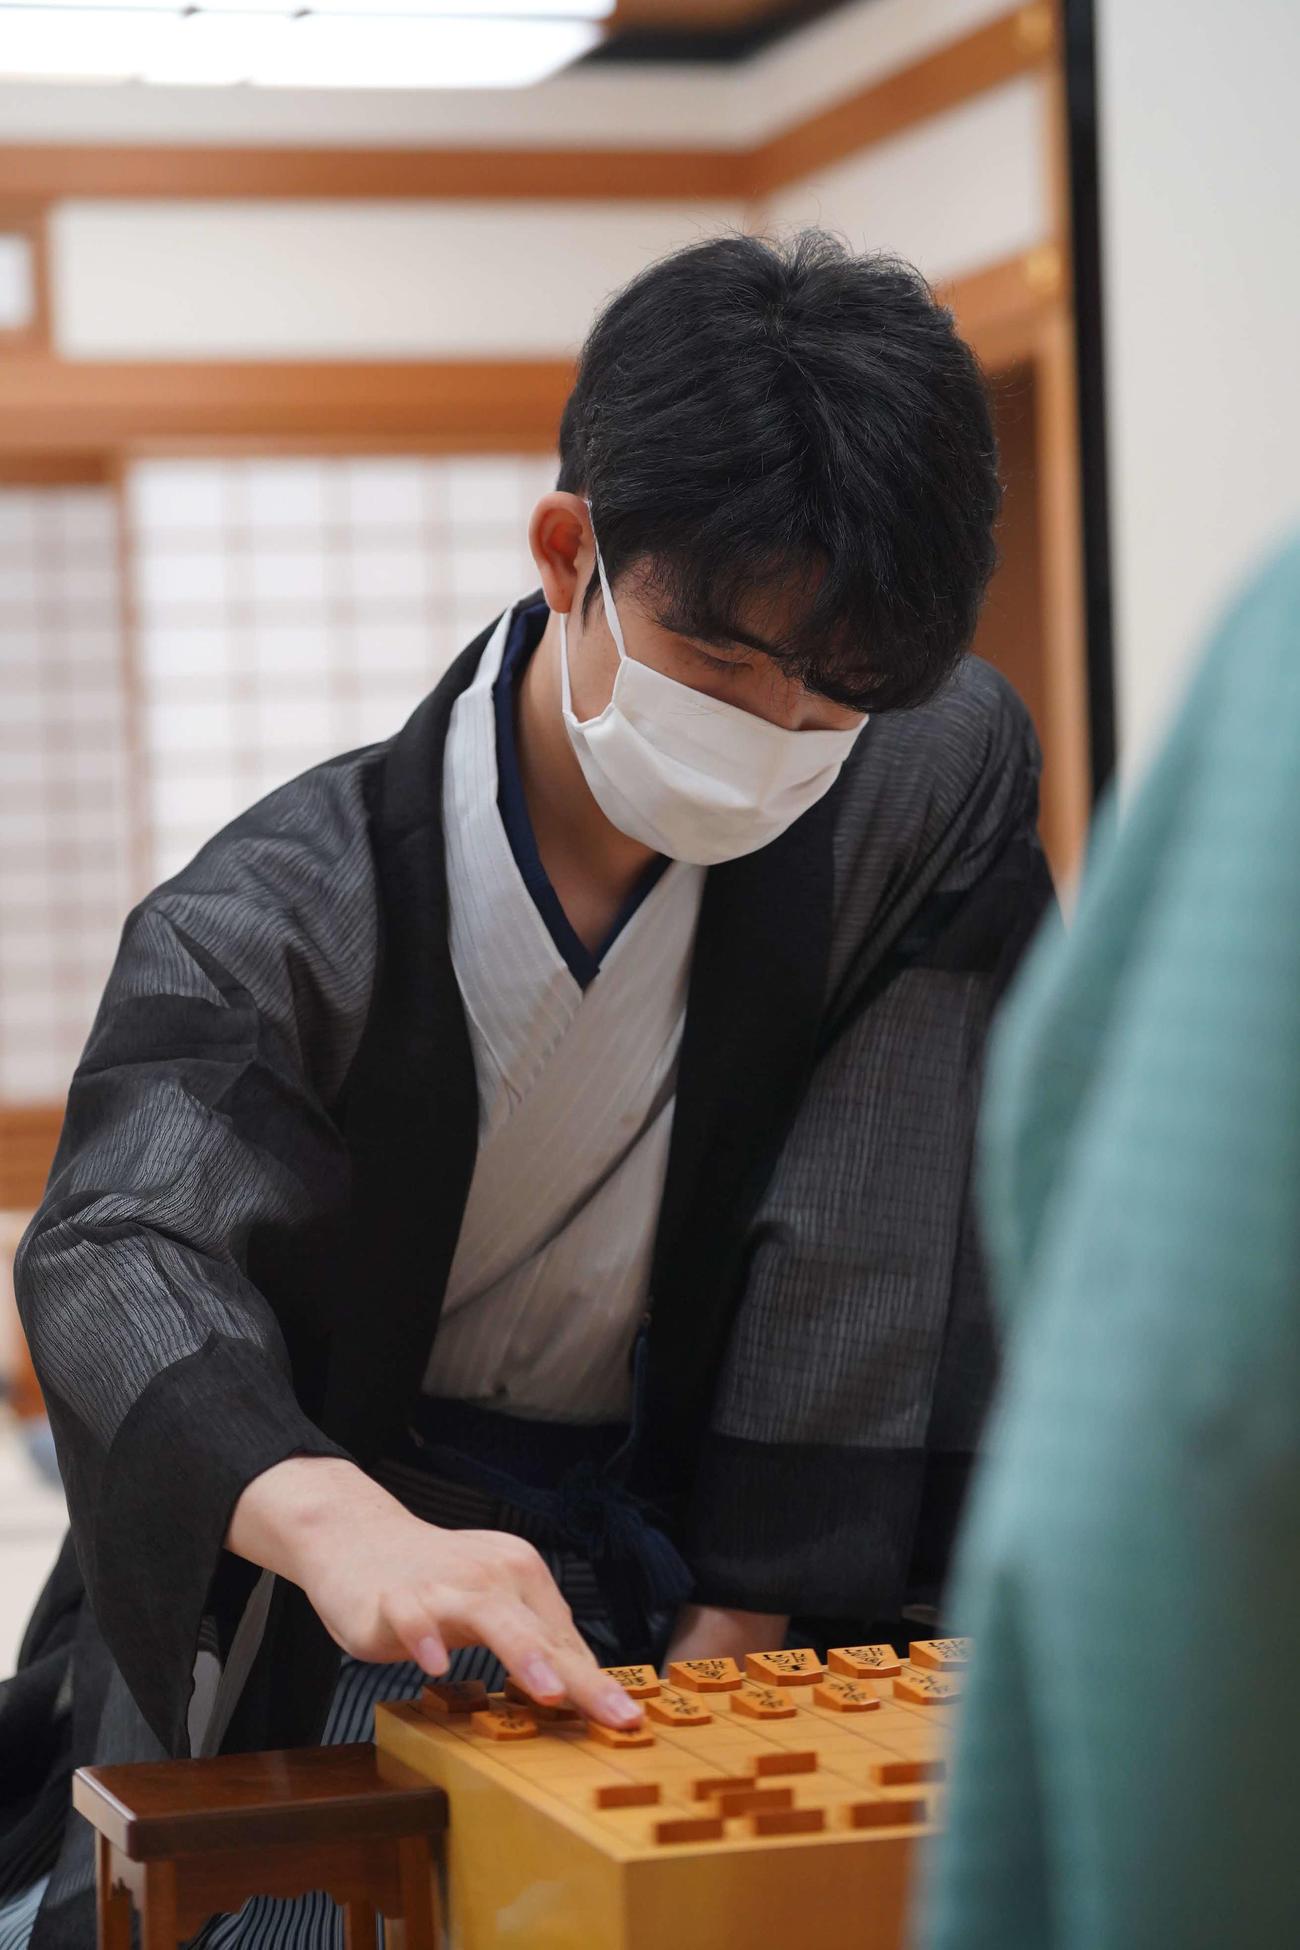 第91期棋聖戦5番勝負第4局に臨んだ藤井聡太七段(日本将棋連盟提供)